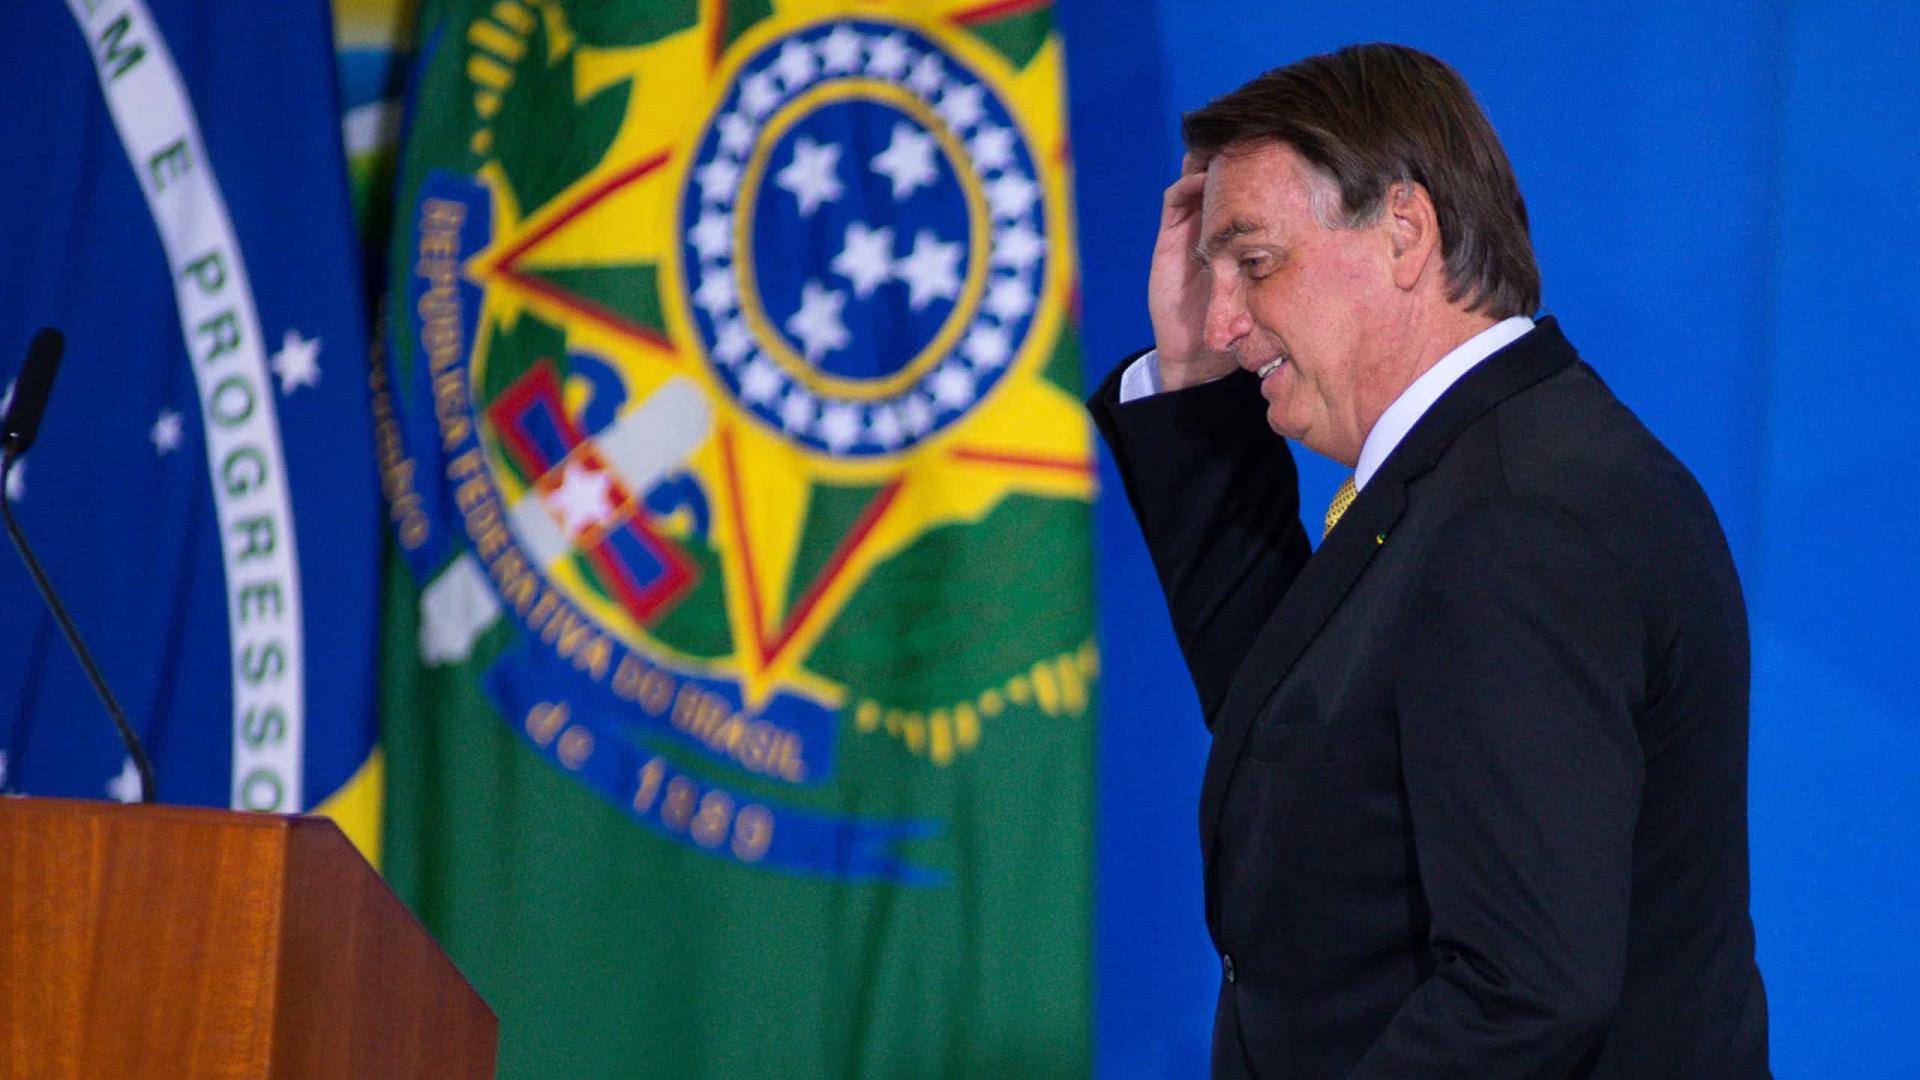 'Eu sou do Centrão', afirma Bolsonaro